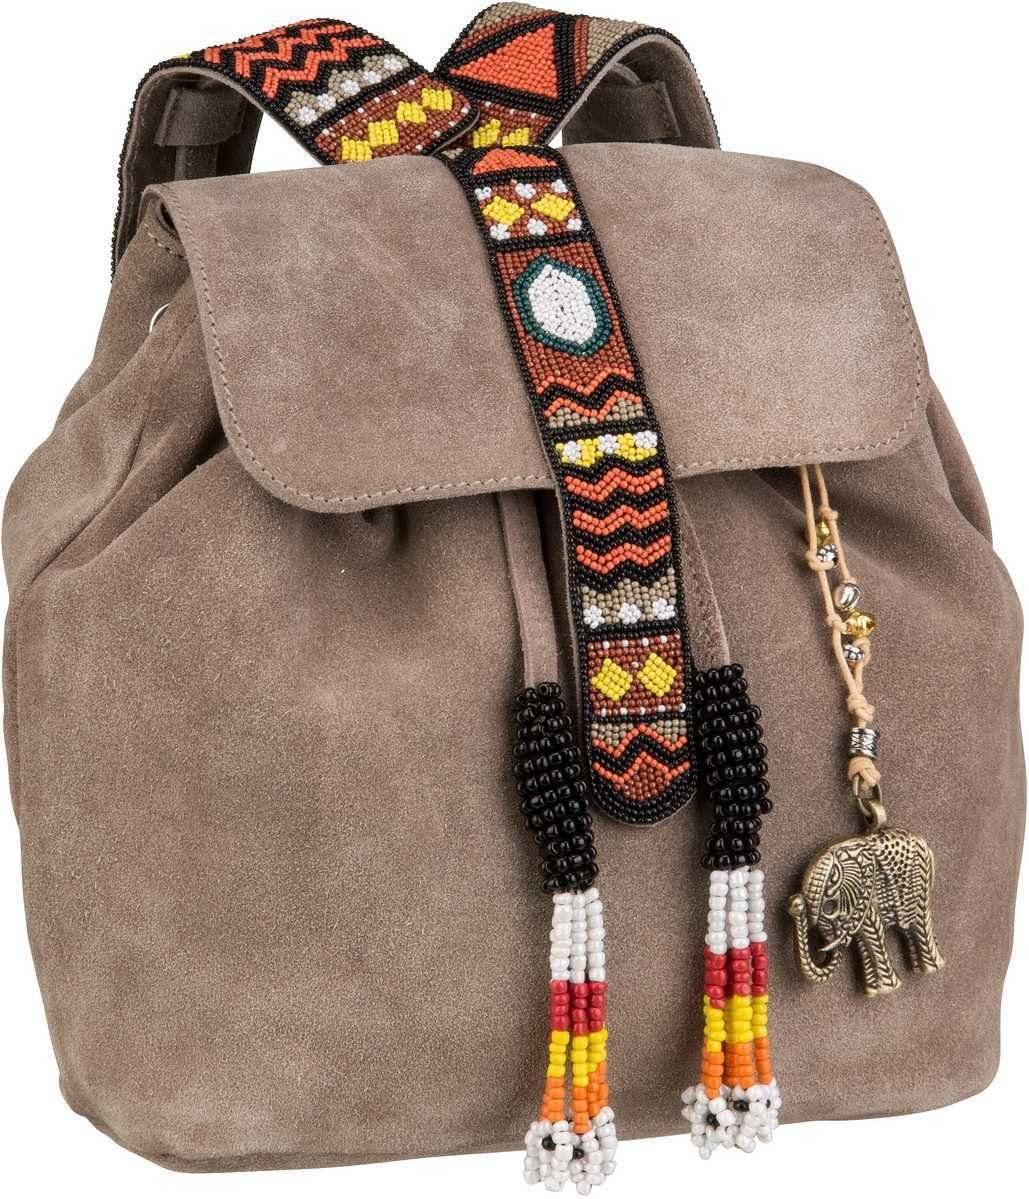 Rucksack / Daypack Milele Backpack Teal Anokhi KydEOyNRm